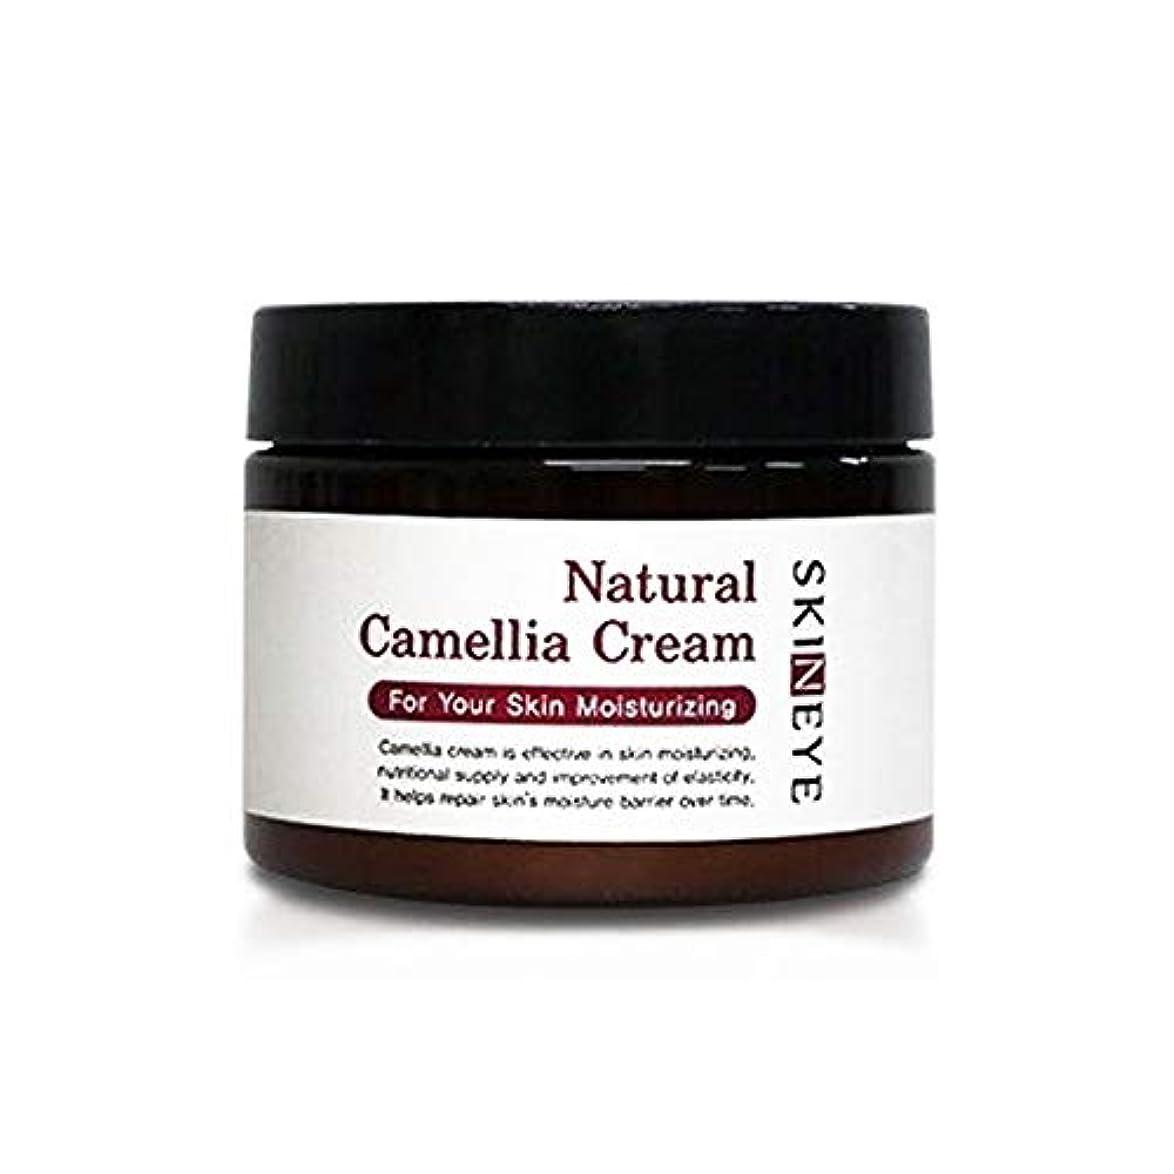 スキンアイナチュラル?発効、椿、クリーム100ml保湿クリーム、Skineye Natural Camellia Cream 100mlMoisturizing Cream [並行輸入品]